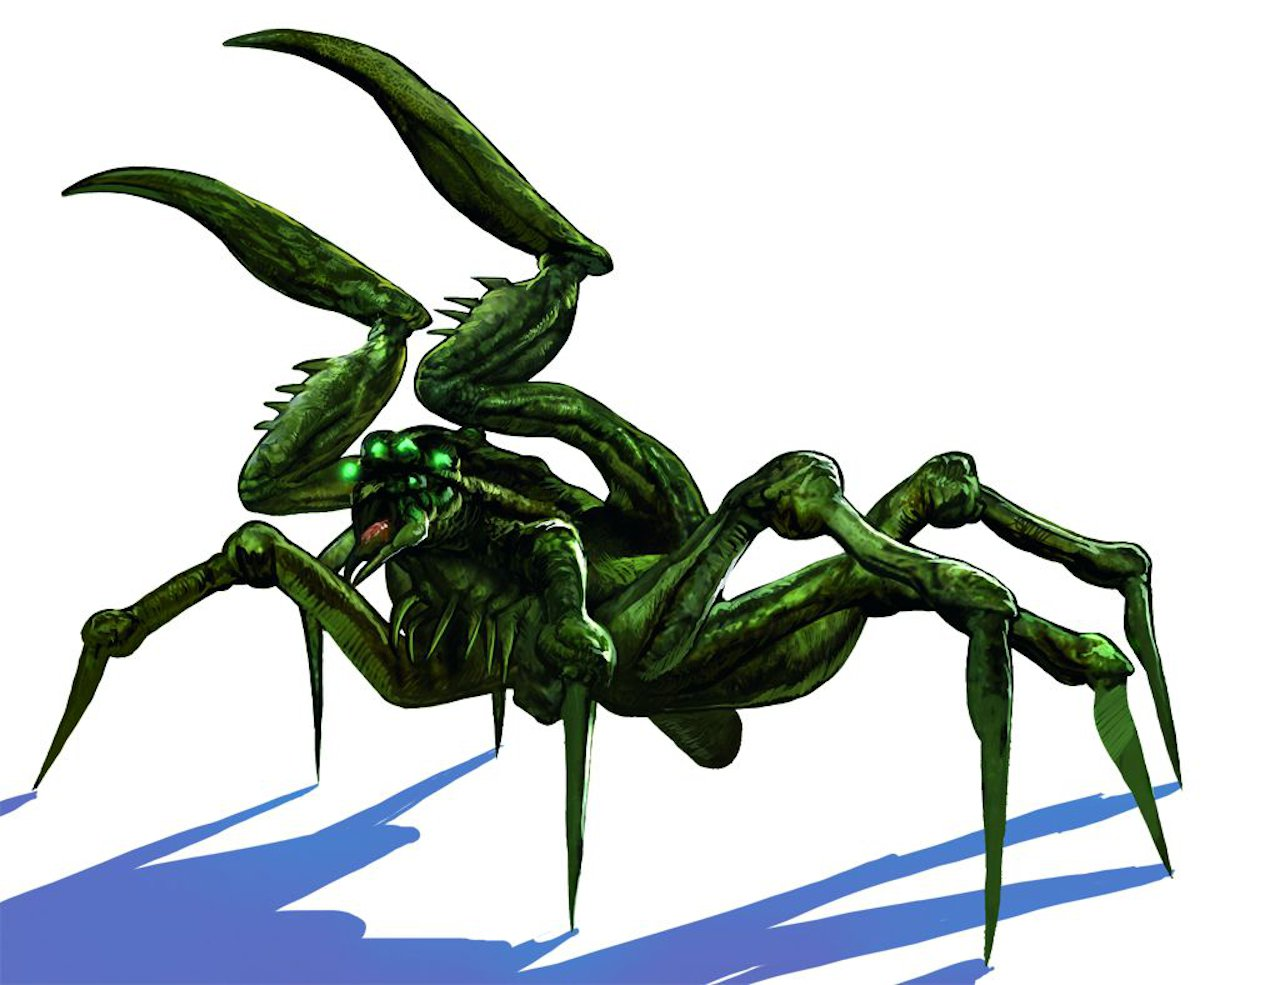 Grimmig: Konzeptzeichnung des Koschtschei aus The Witcher 1. (Bild: hexer.wikia.com)